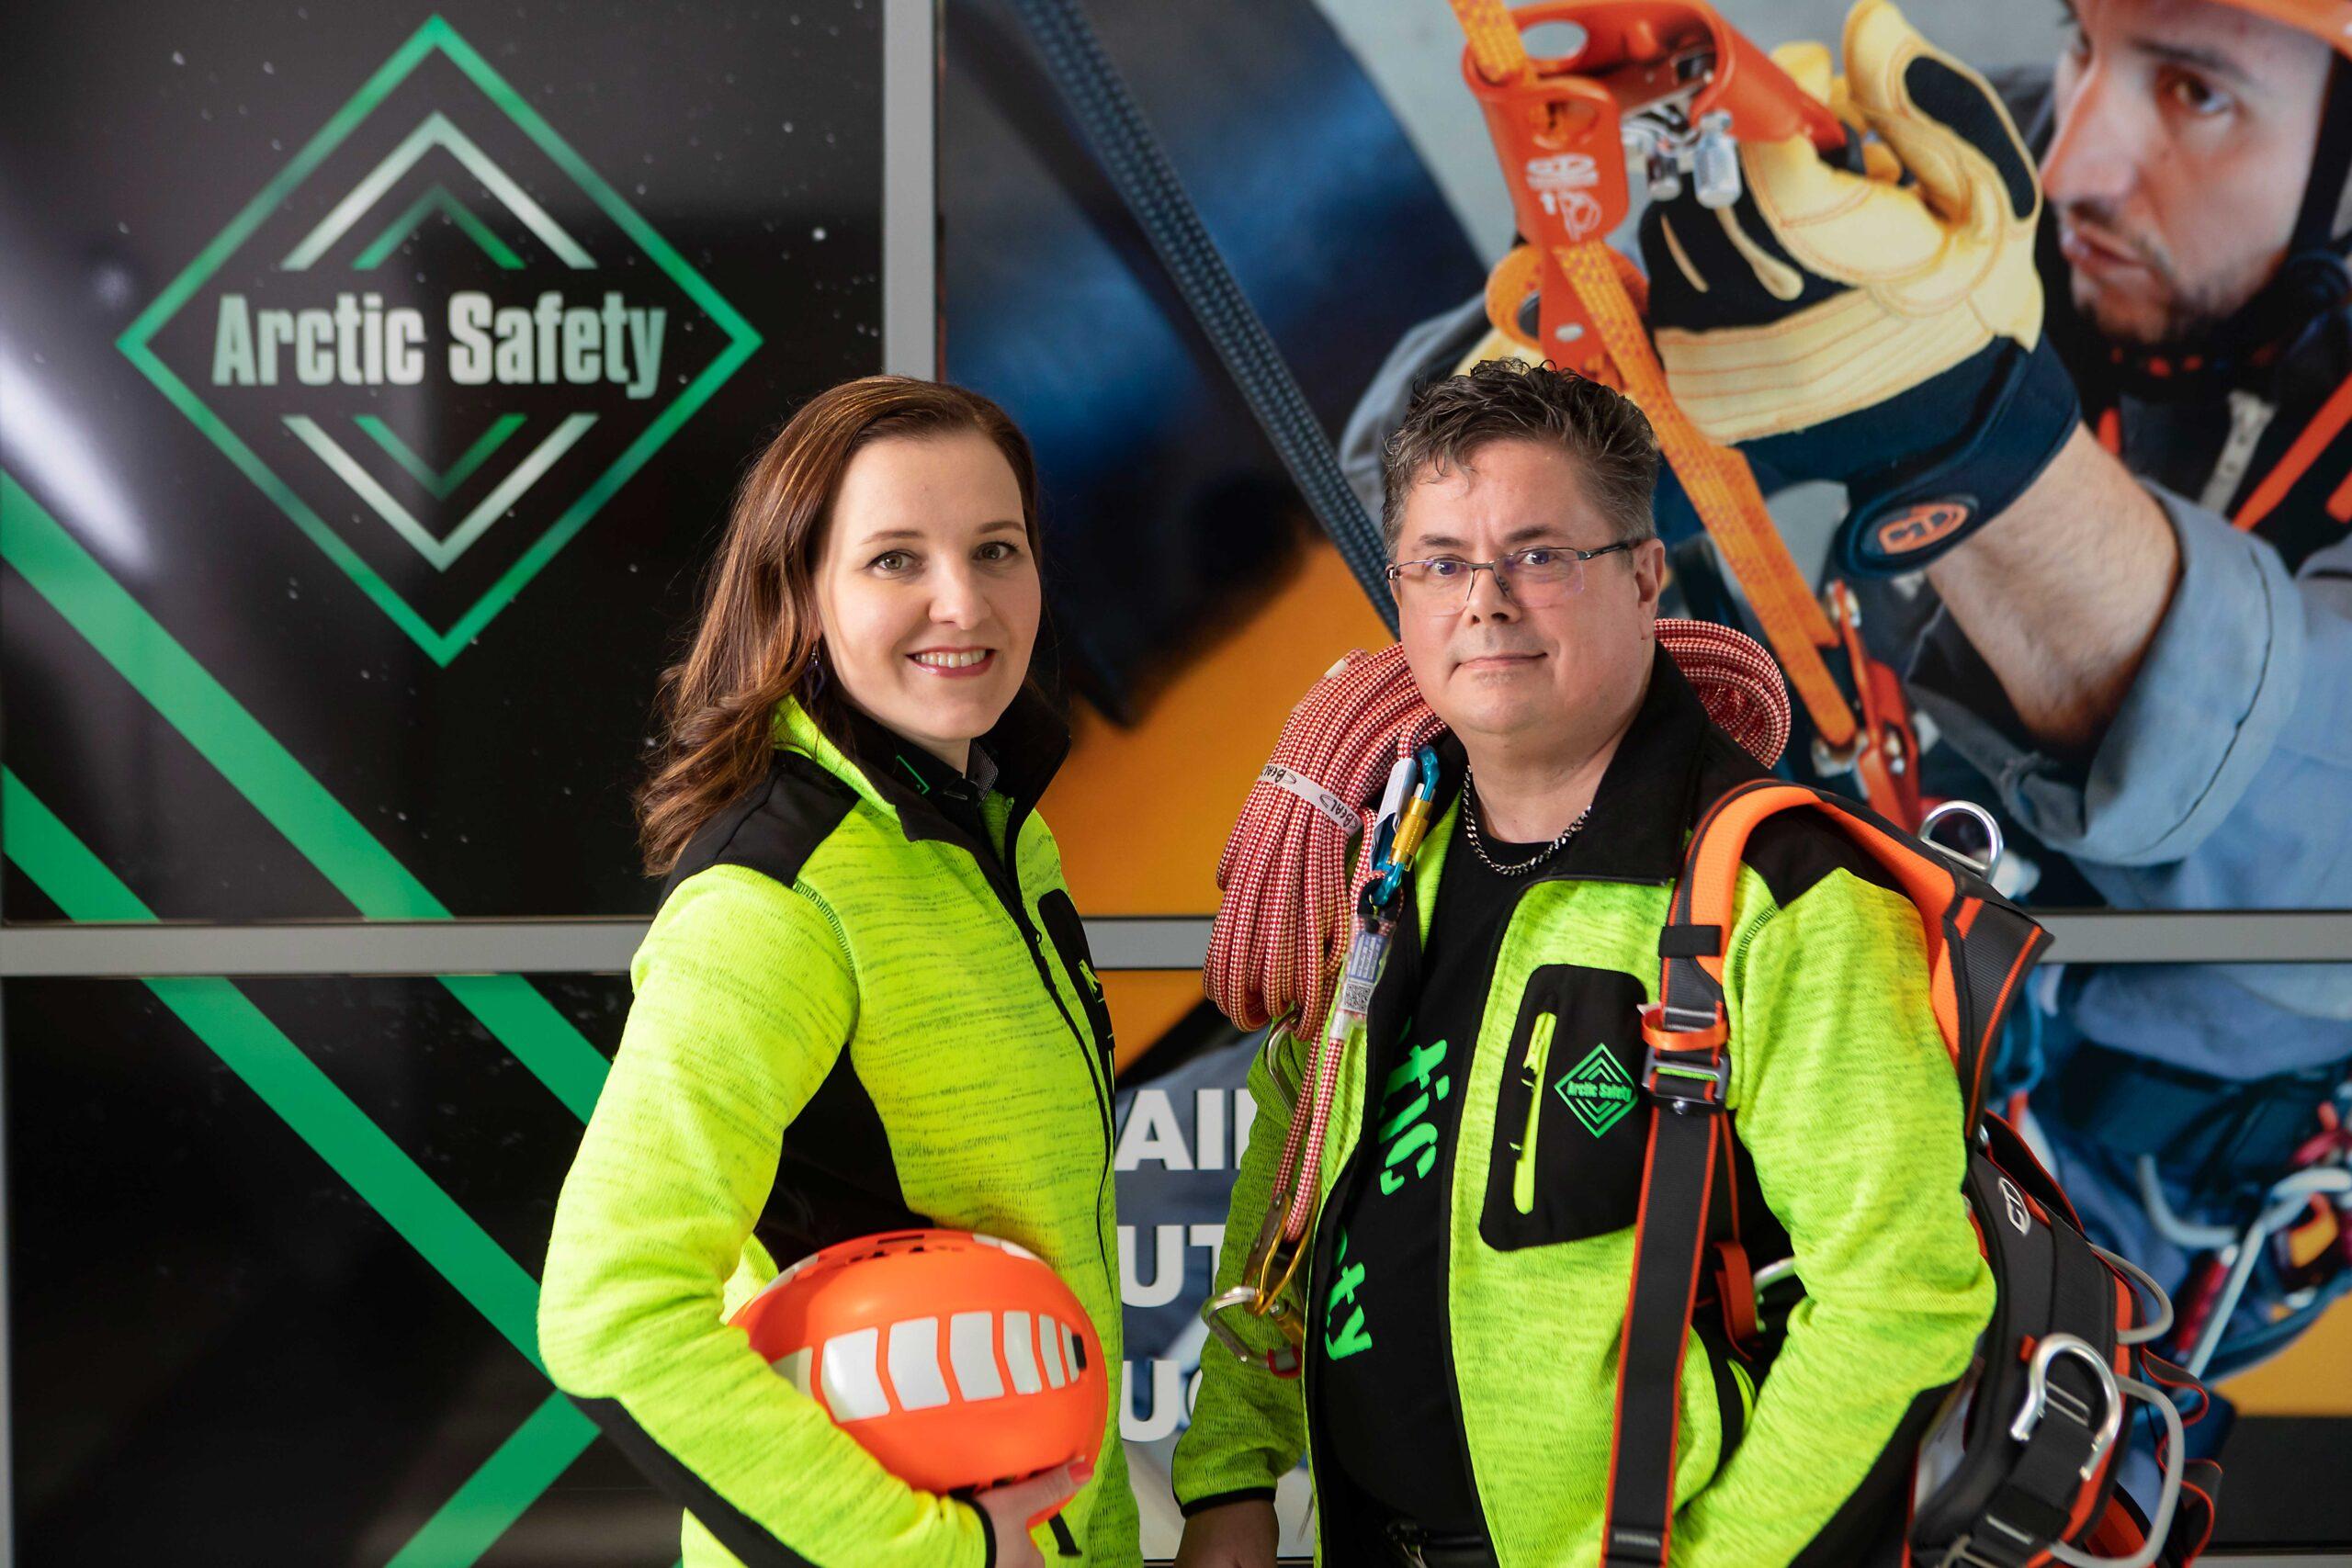 Arctic safetyn yrittäjät Hanne Nurmi ja Mika Korpiaho pukeutuneina yrityksensä myymiin keltaisiin työvaatteisiin.